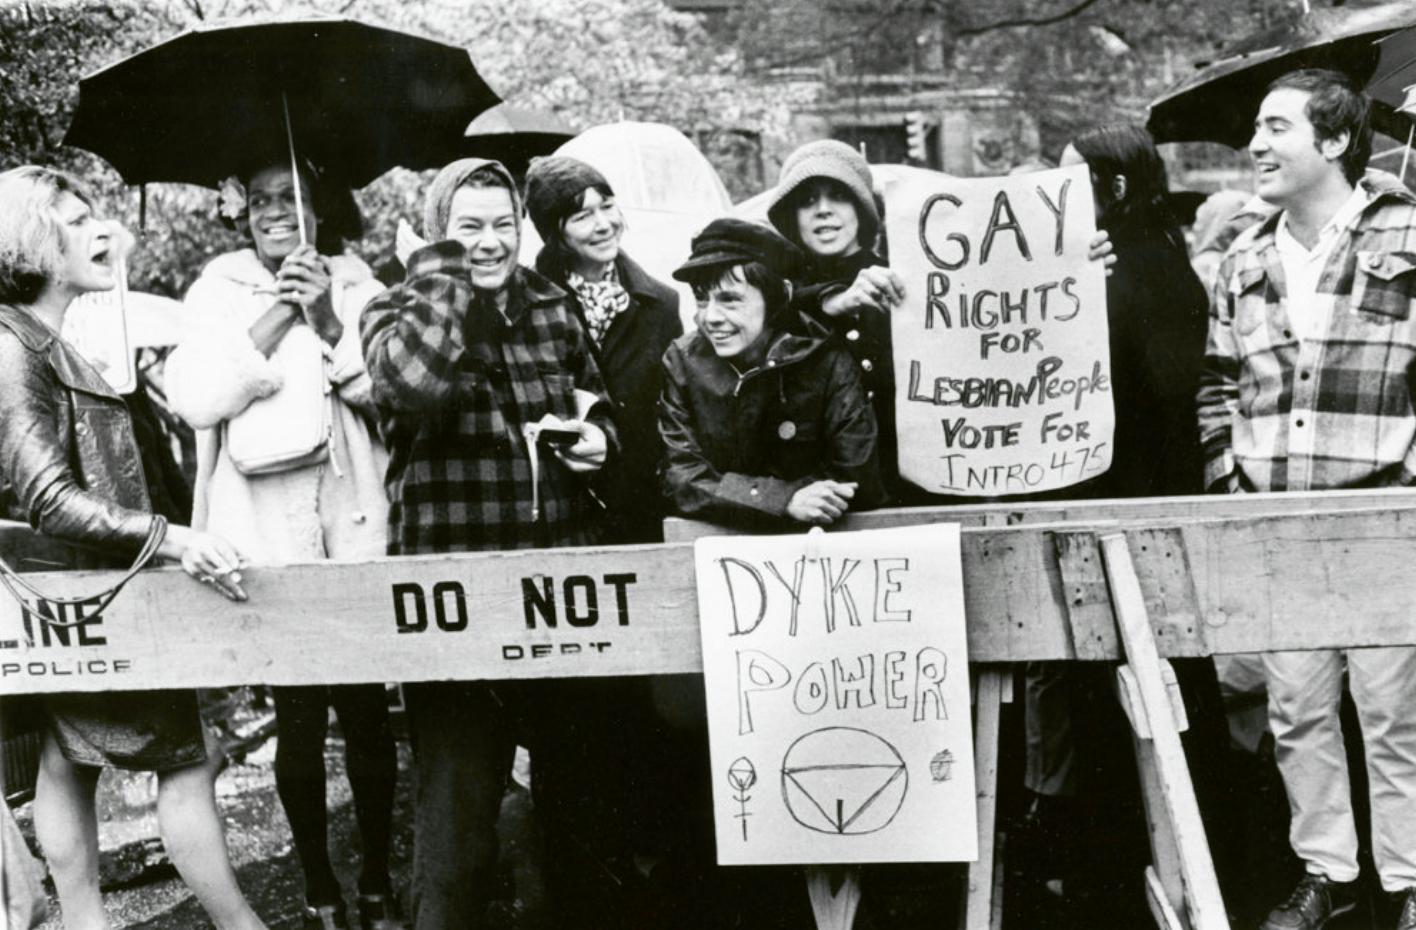 Image for Cette année, nous célébrons l'anniversaire des émeutes de Stonewall, à l'origine des Prides. C'était il y a combien de temps déjà ?